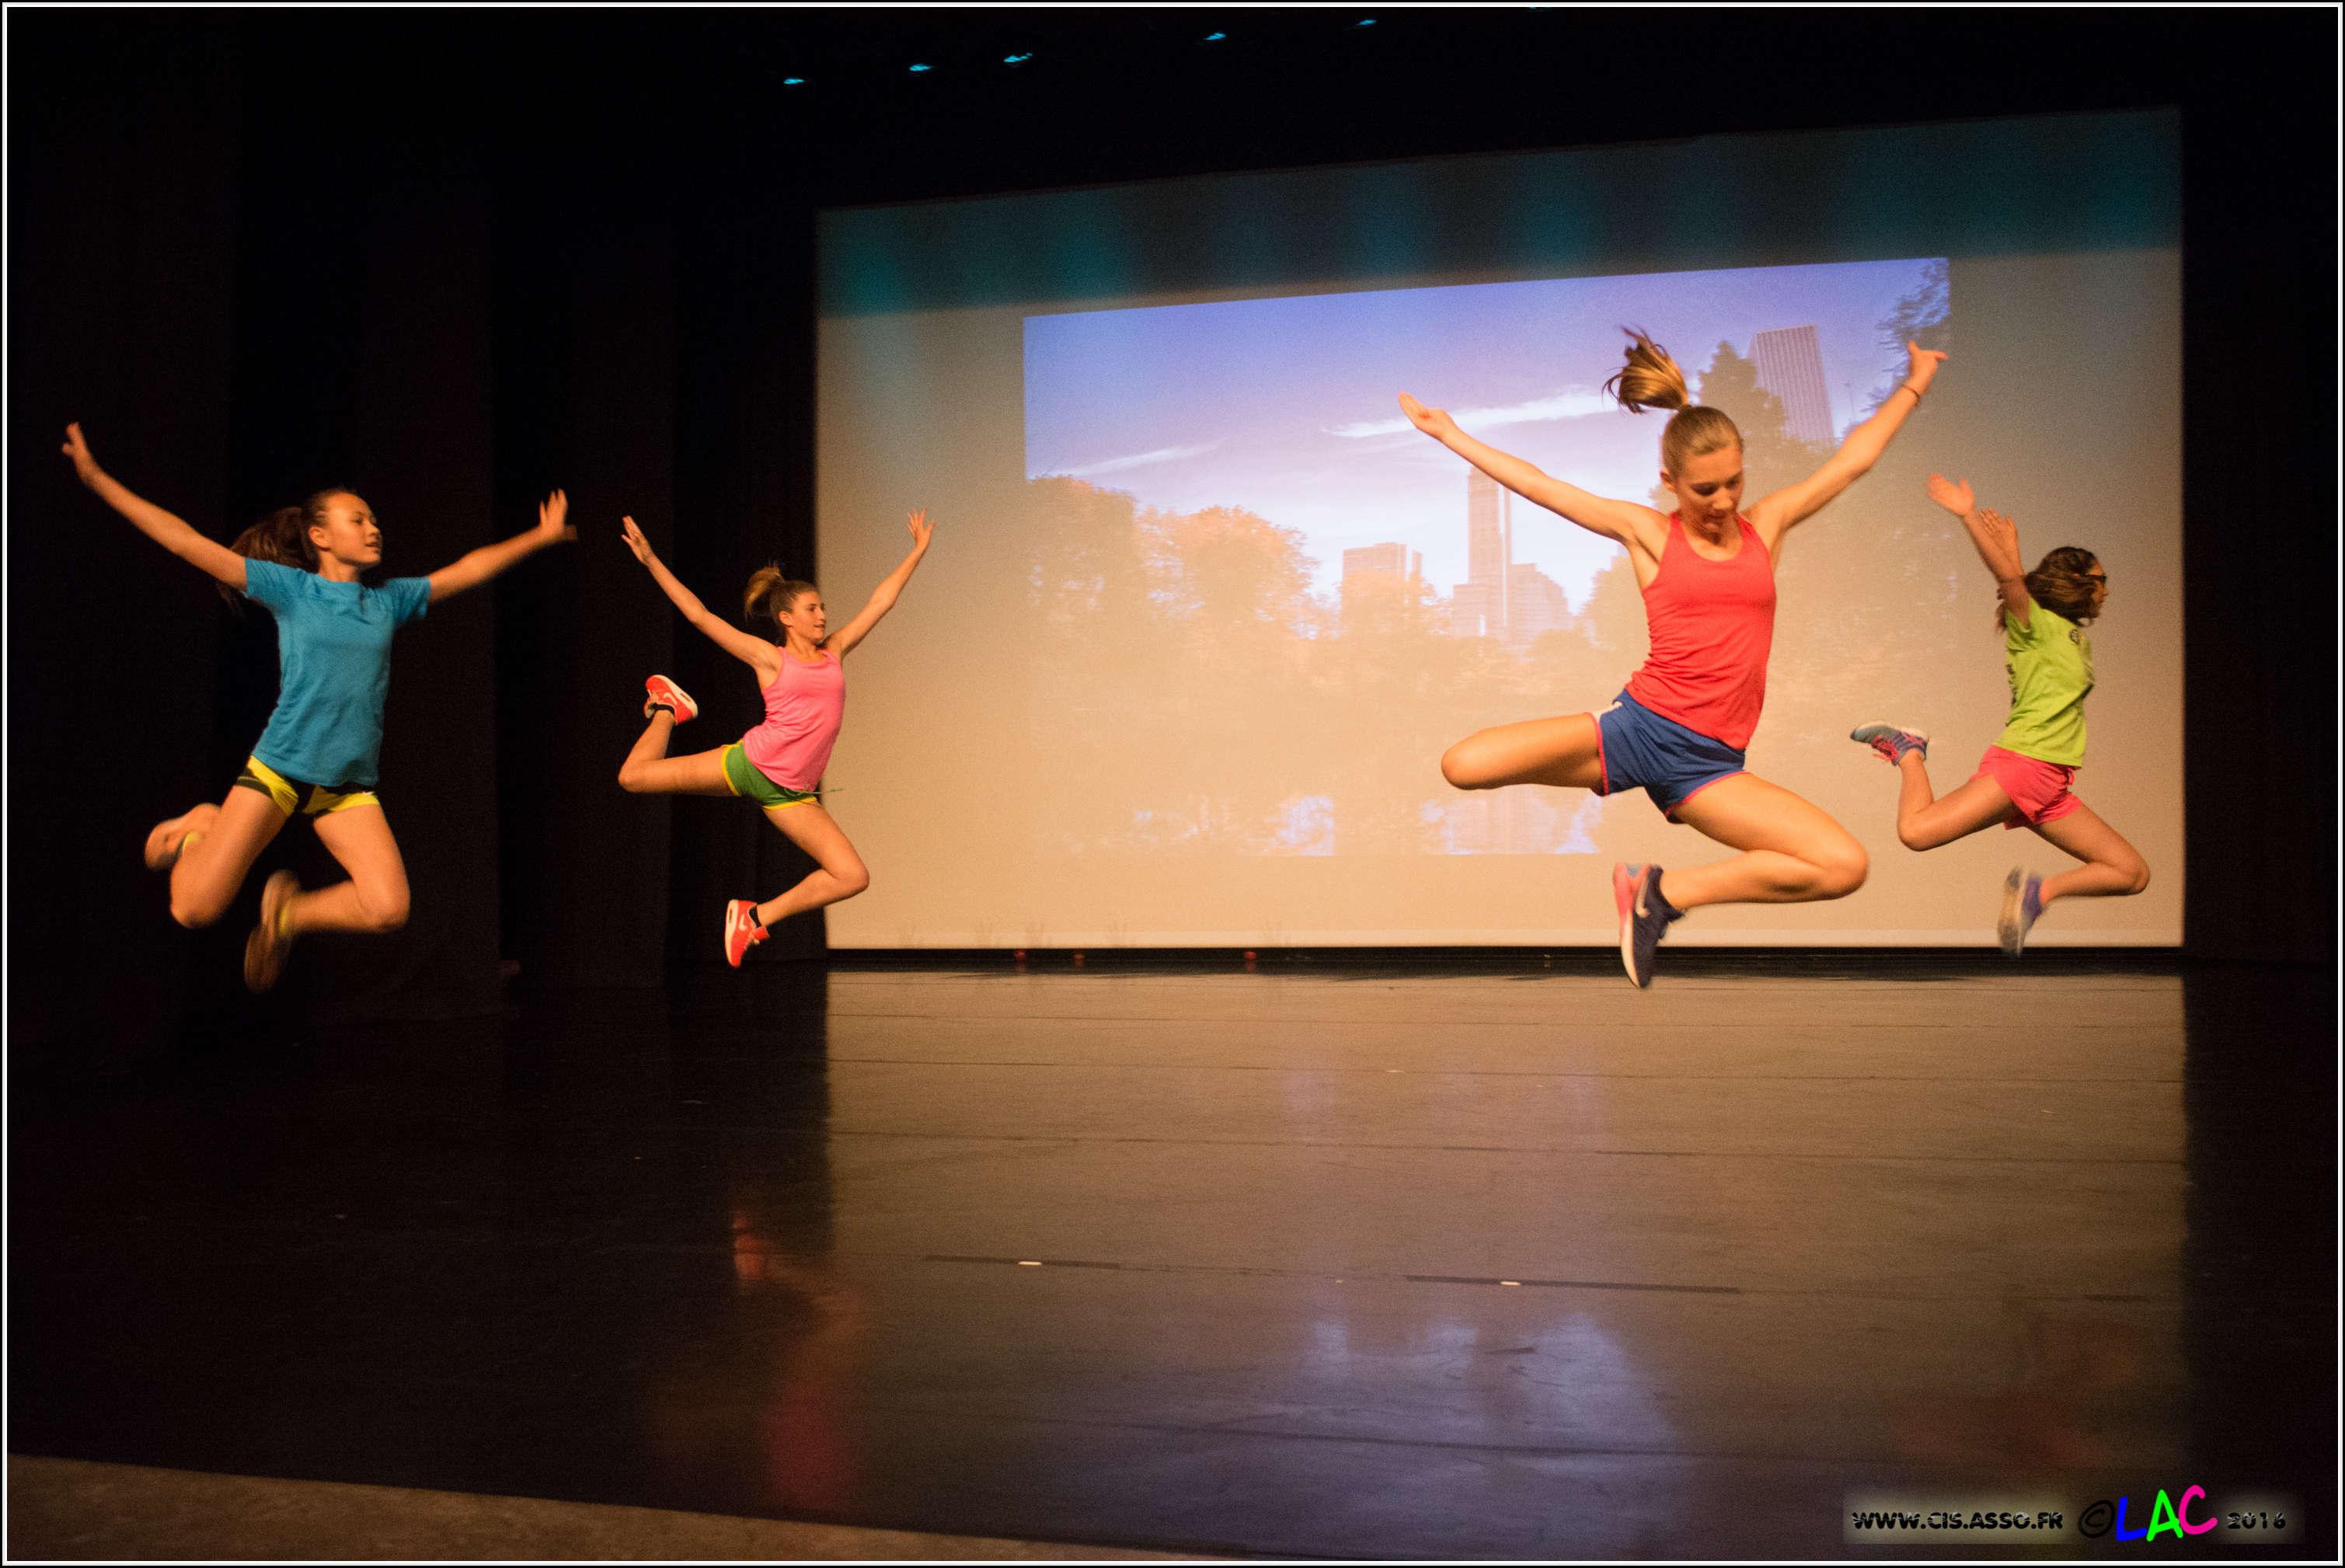 20160617 Gala de danse 049 LAC